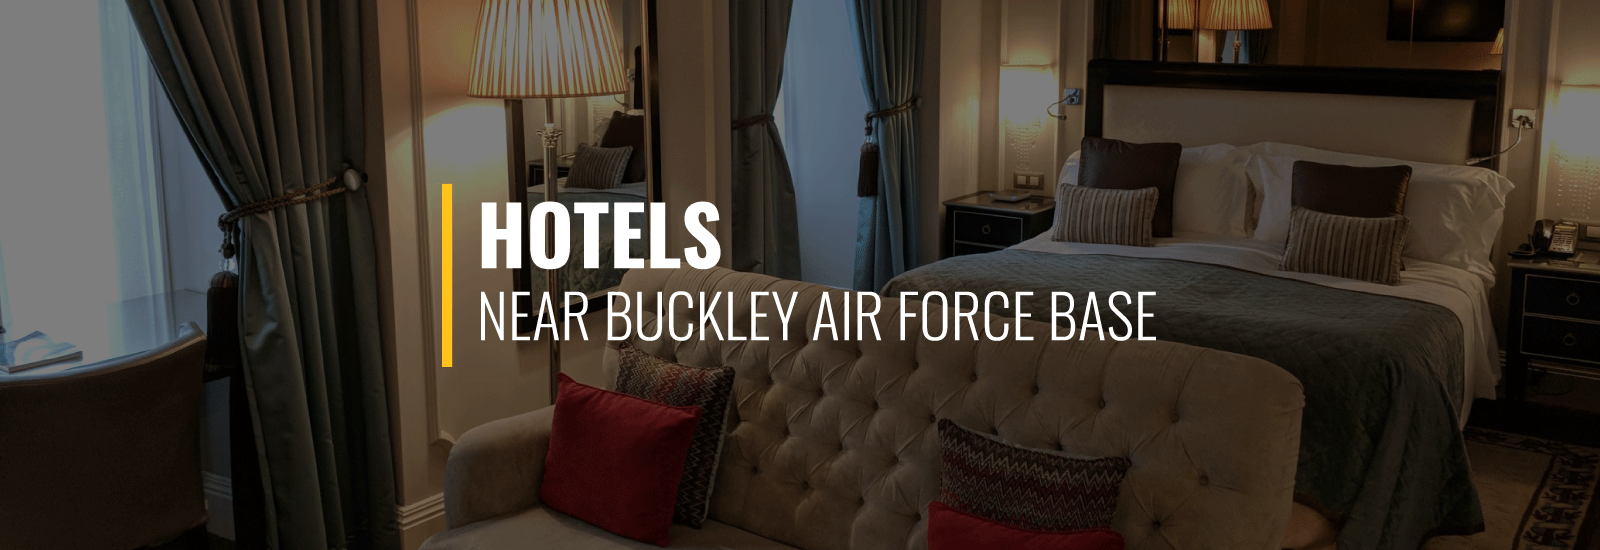 Hotels Near Buckley AFB